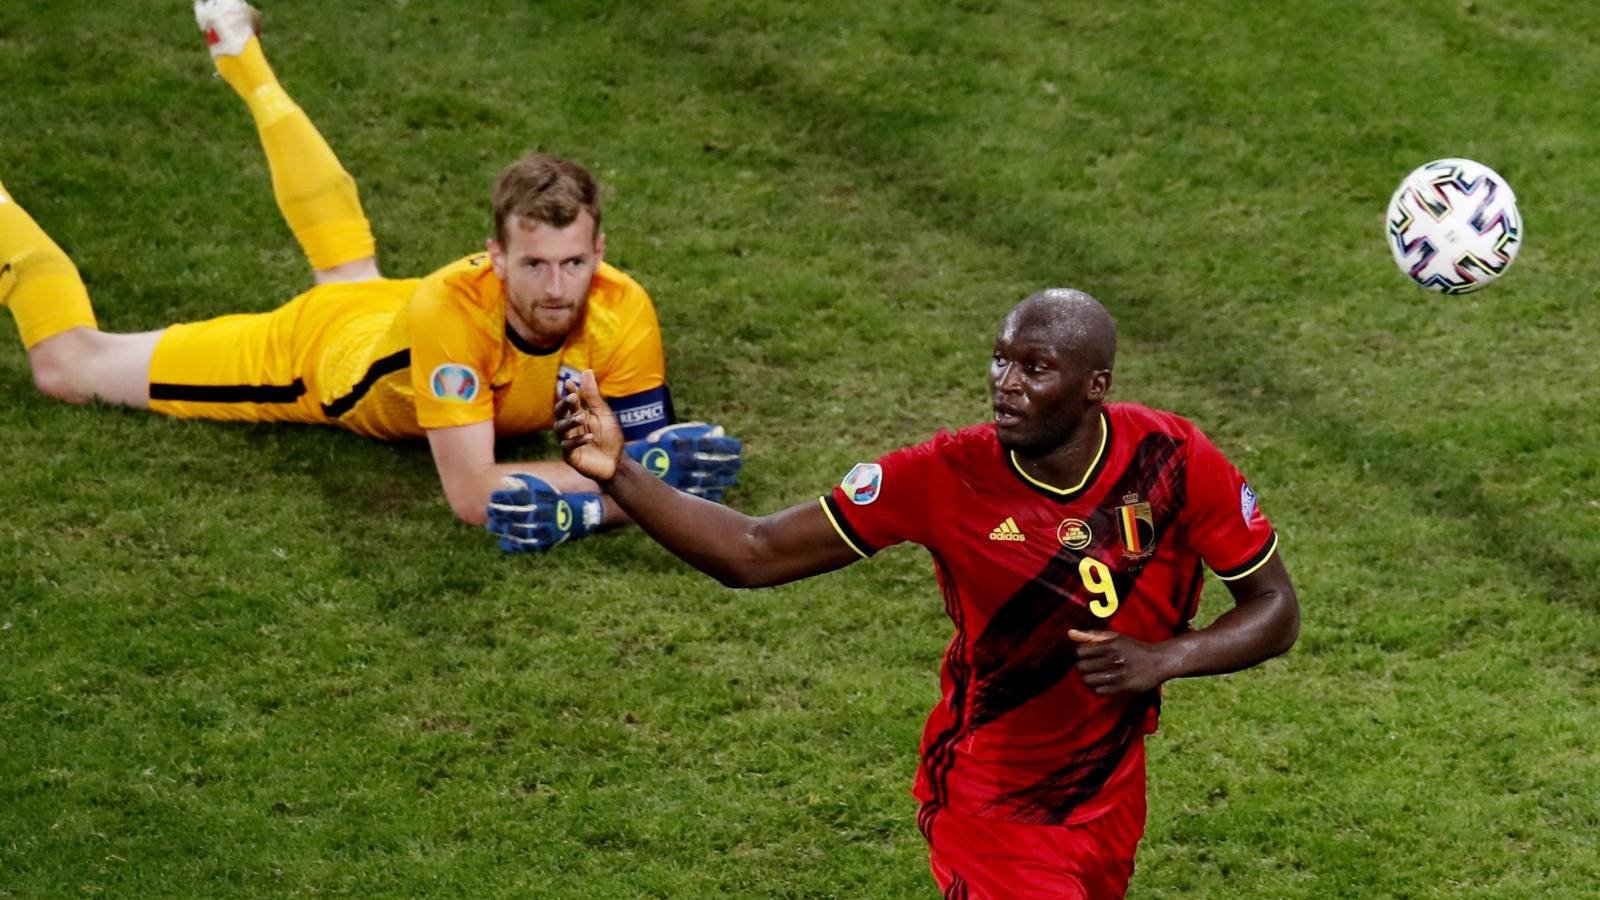 TRỰC TIẾP bóng đá Phần Lan 0 - 0 Bỉ: VAR từ chối bàn thắng của Lukaku